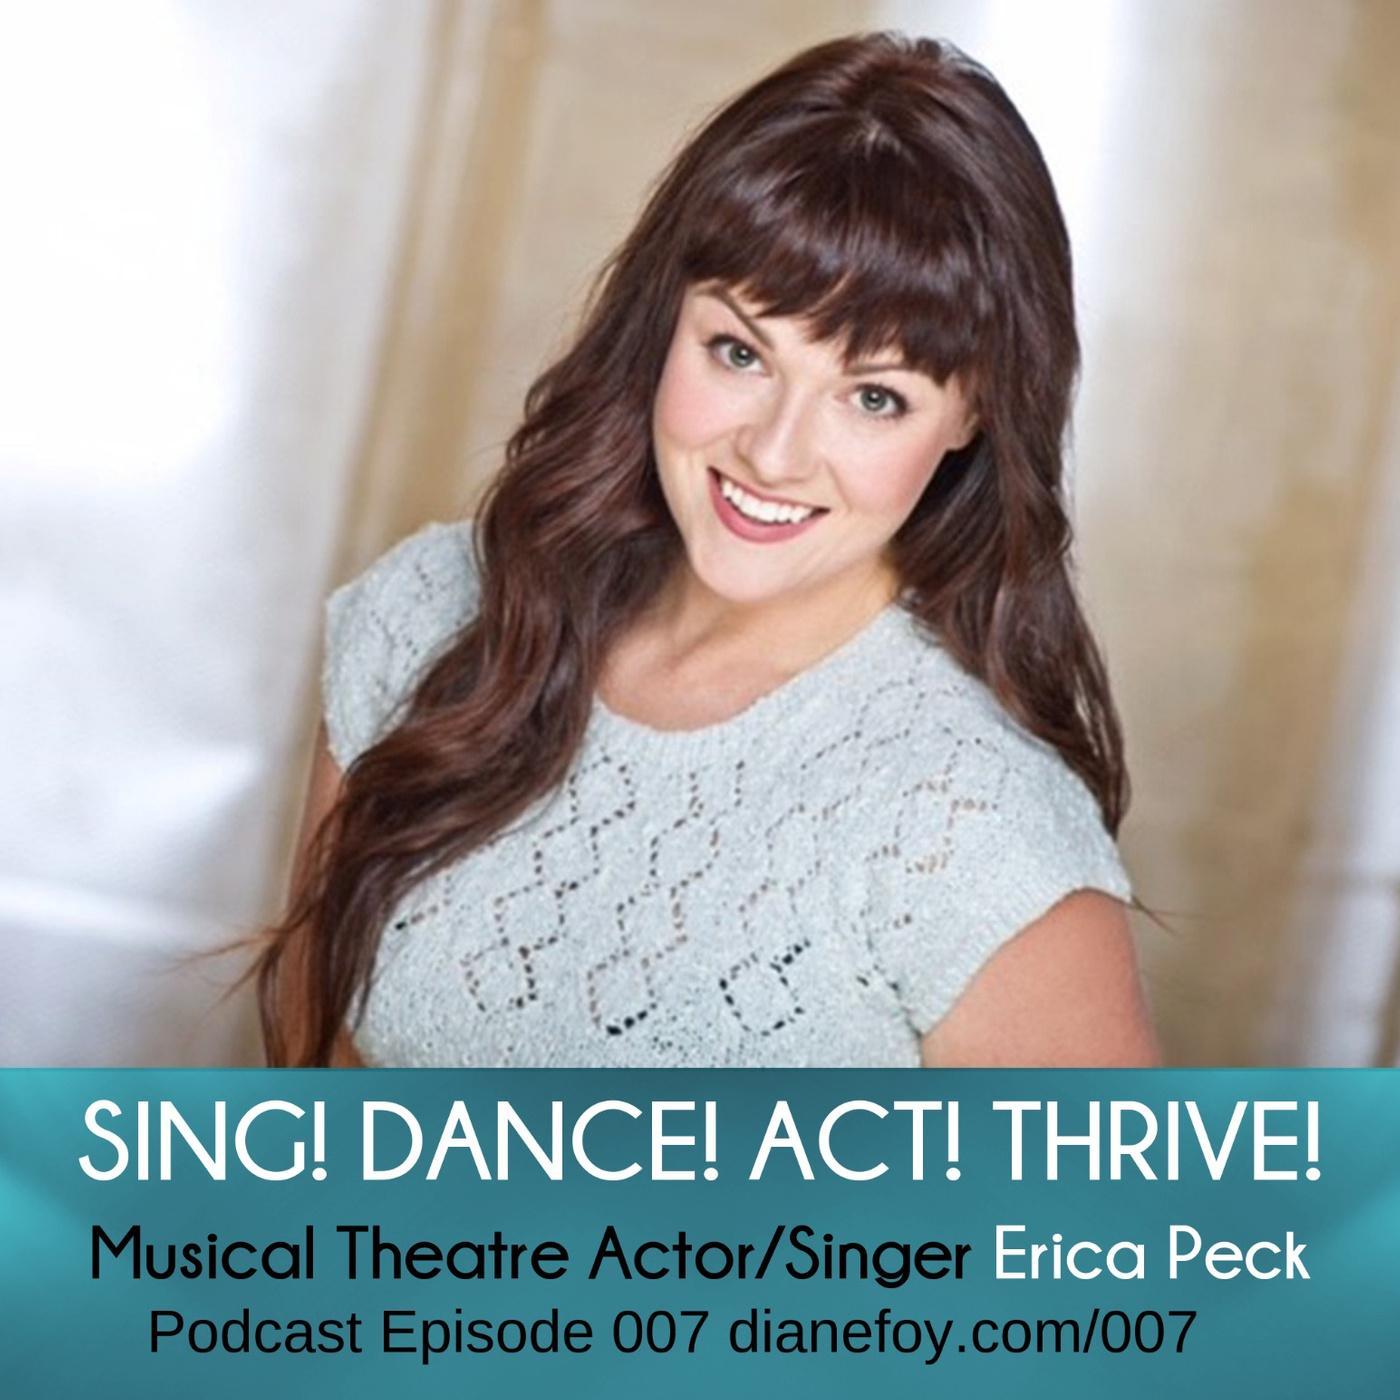 Erica Peck, Musical Theatre Actor/Singer